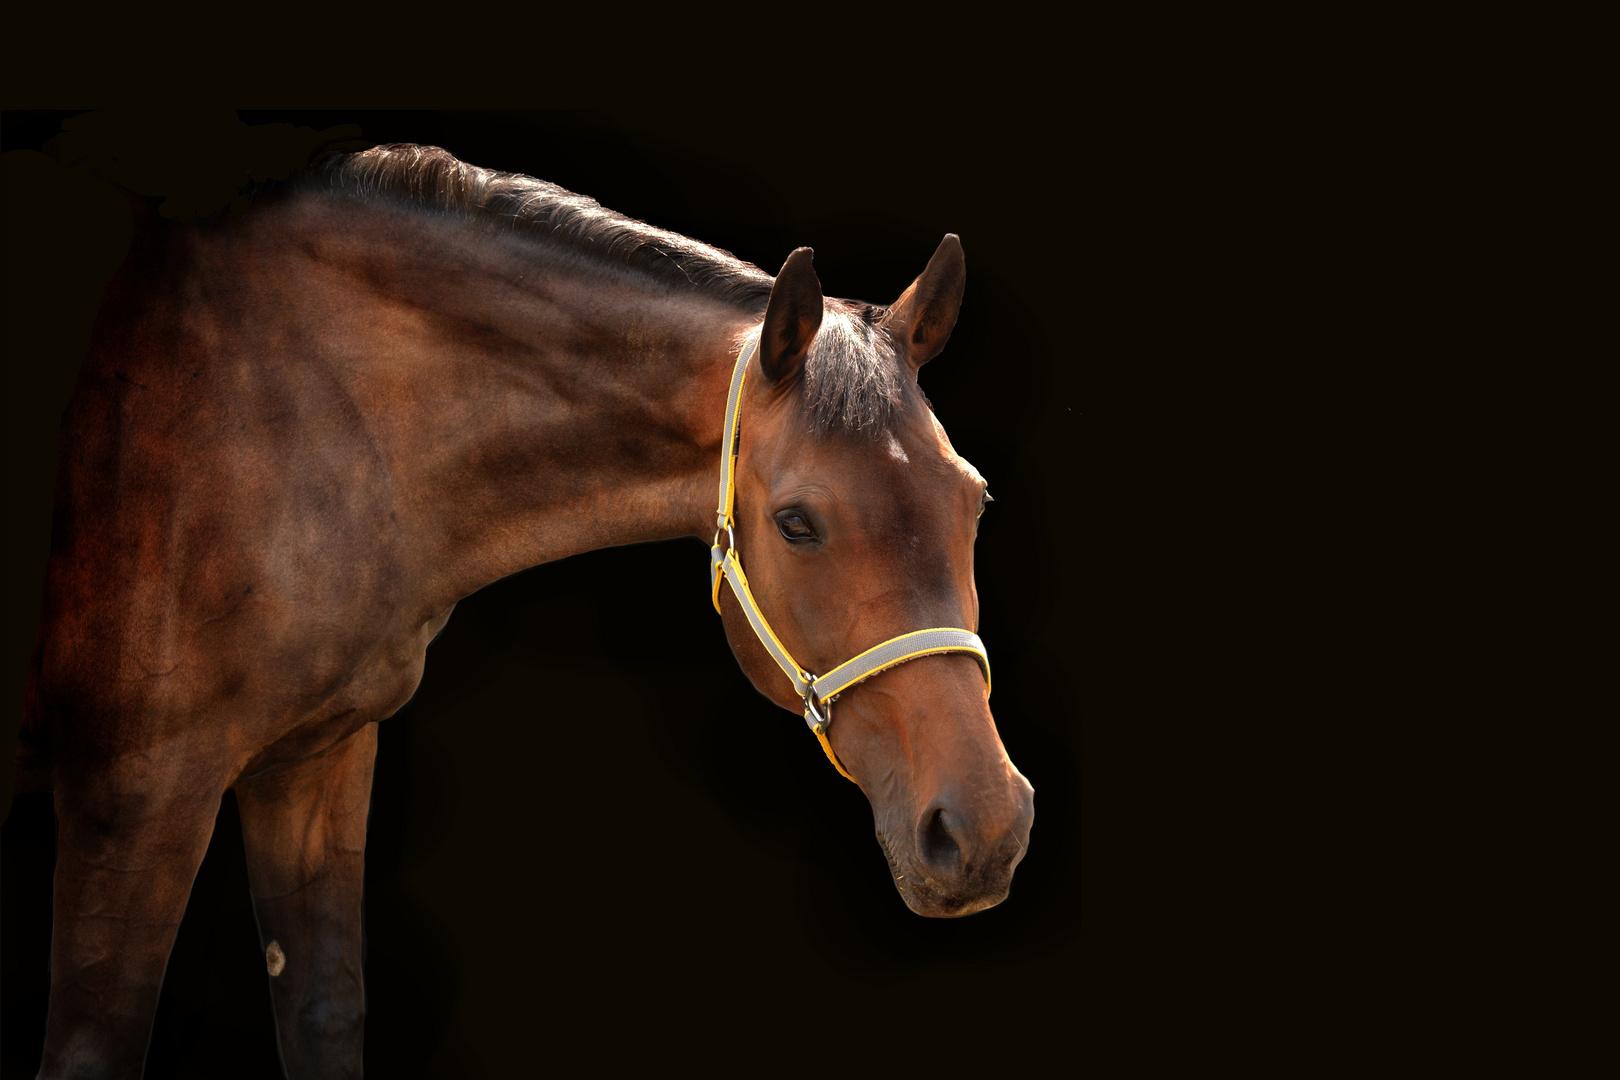 Berühmt Pferd vor schwarzem Hintergrund Foto & Bild | tiere, haustiere @PS_93